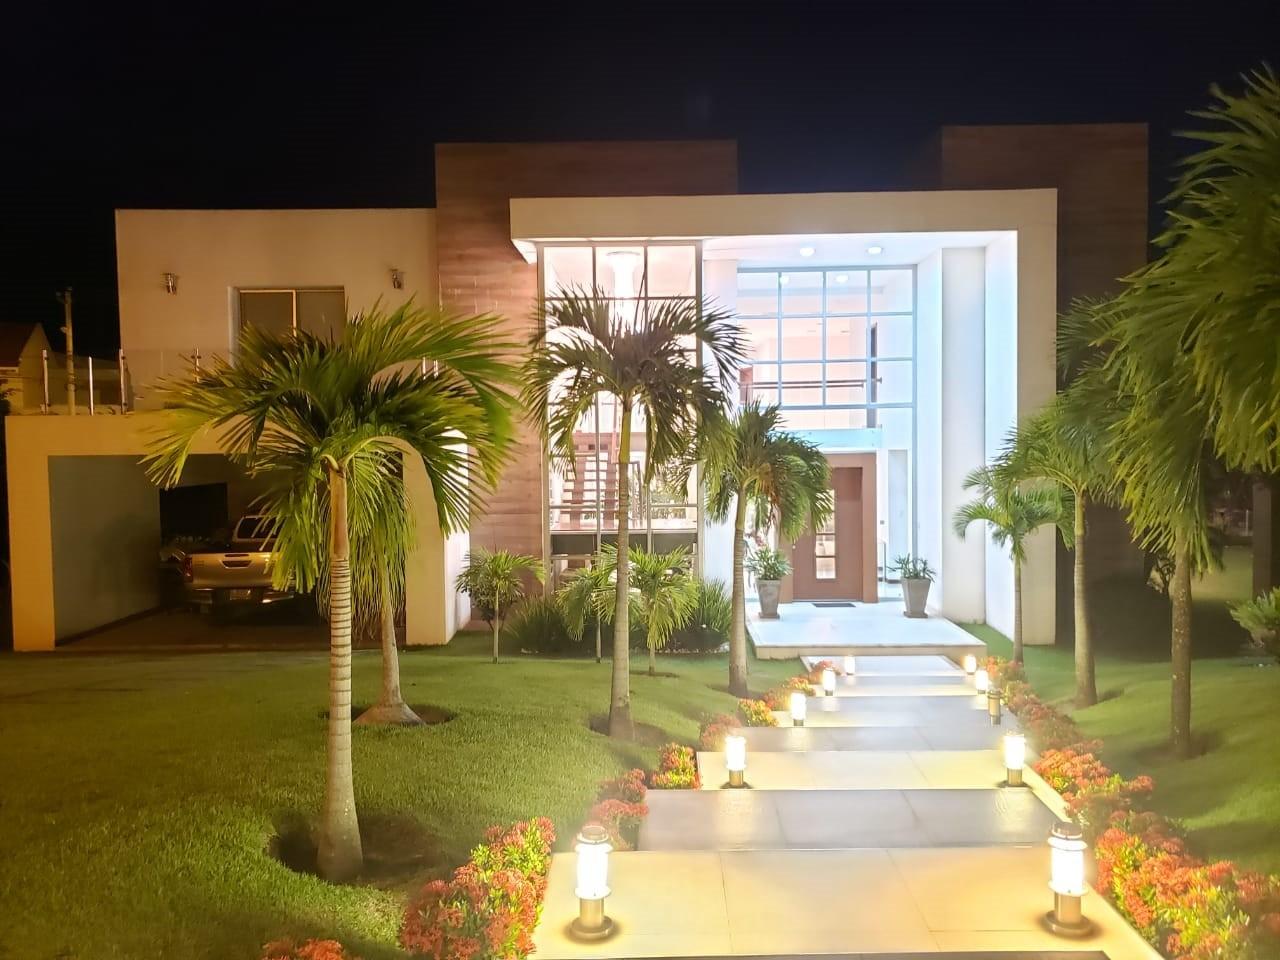 Casa en Venta HERMOSA CASA EN VENTA EN COLINAS DEL URUBO S1 Foto 1